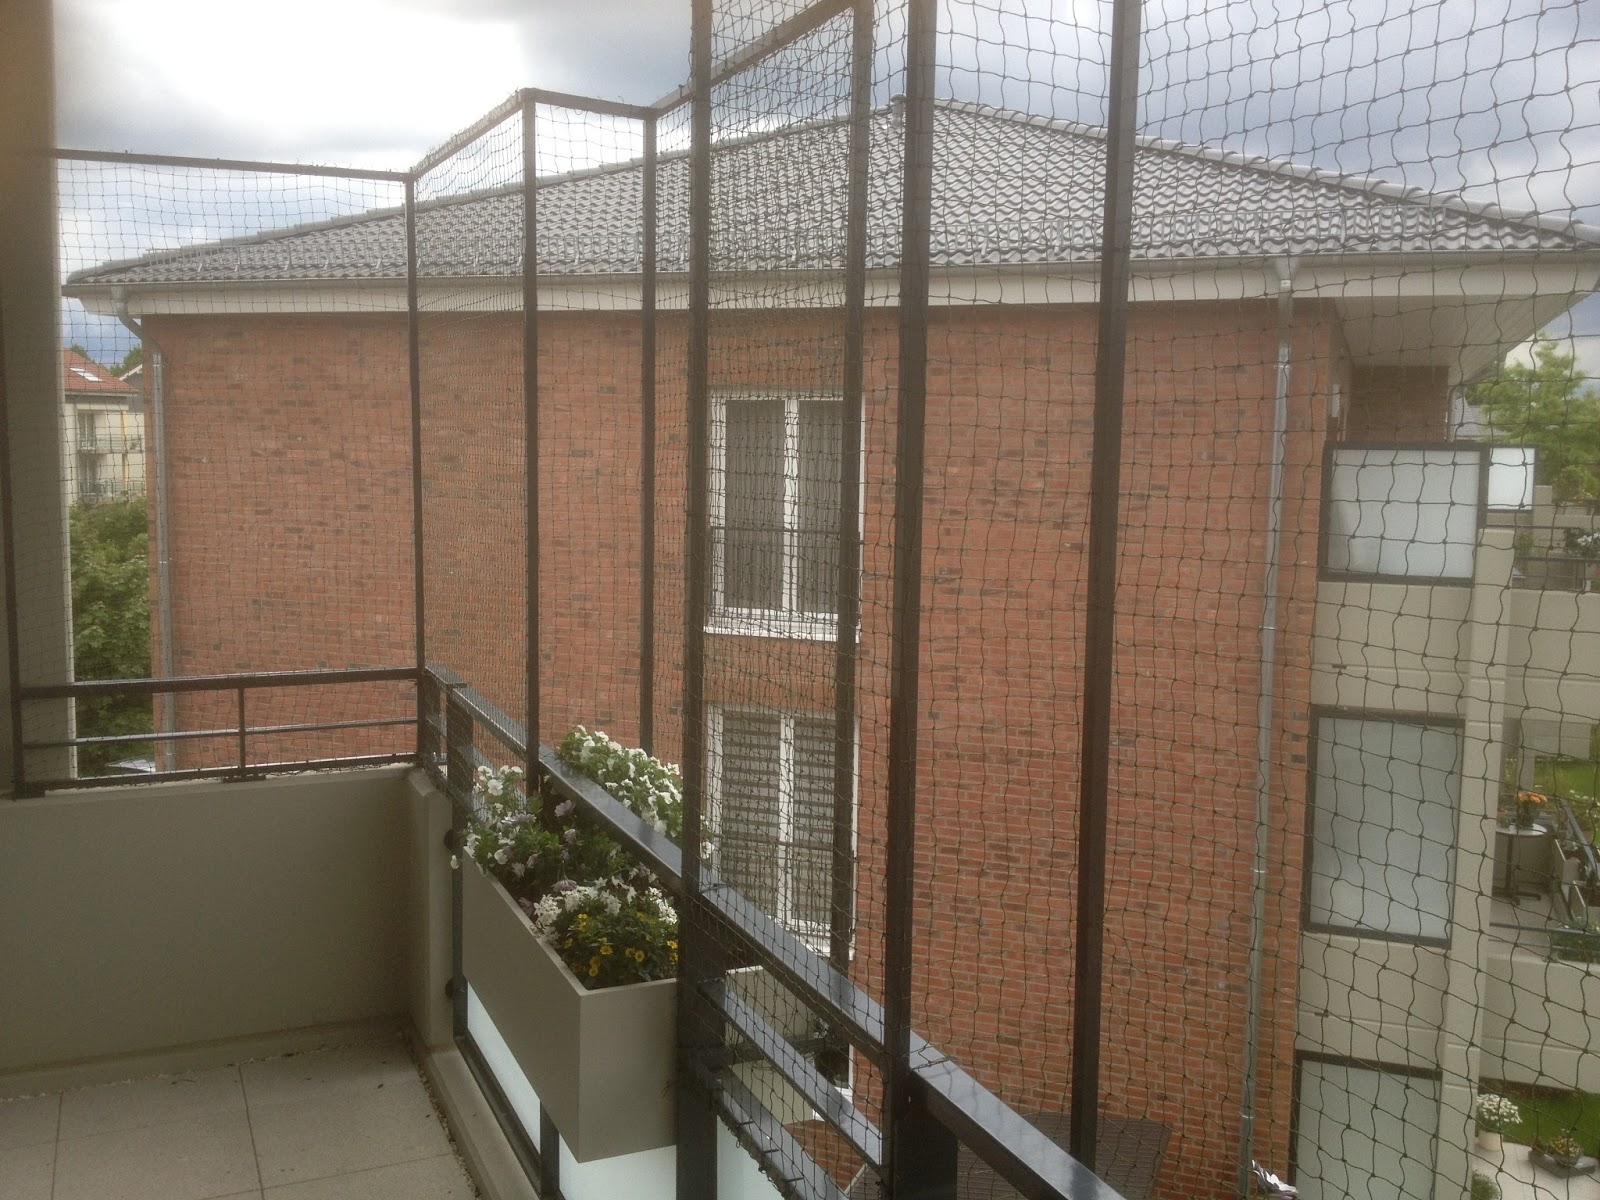 Balkon Befestigen Ohne Bohren : F?r ein katzennetz ohne bohren balkon ...